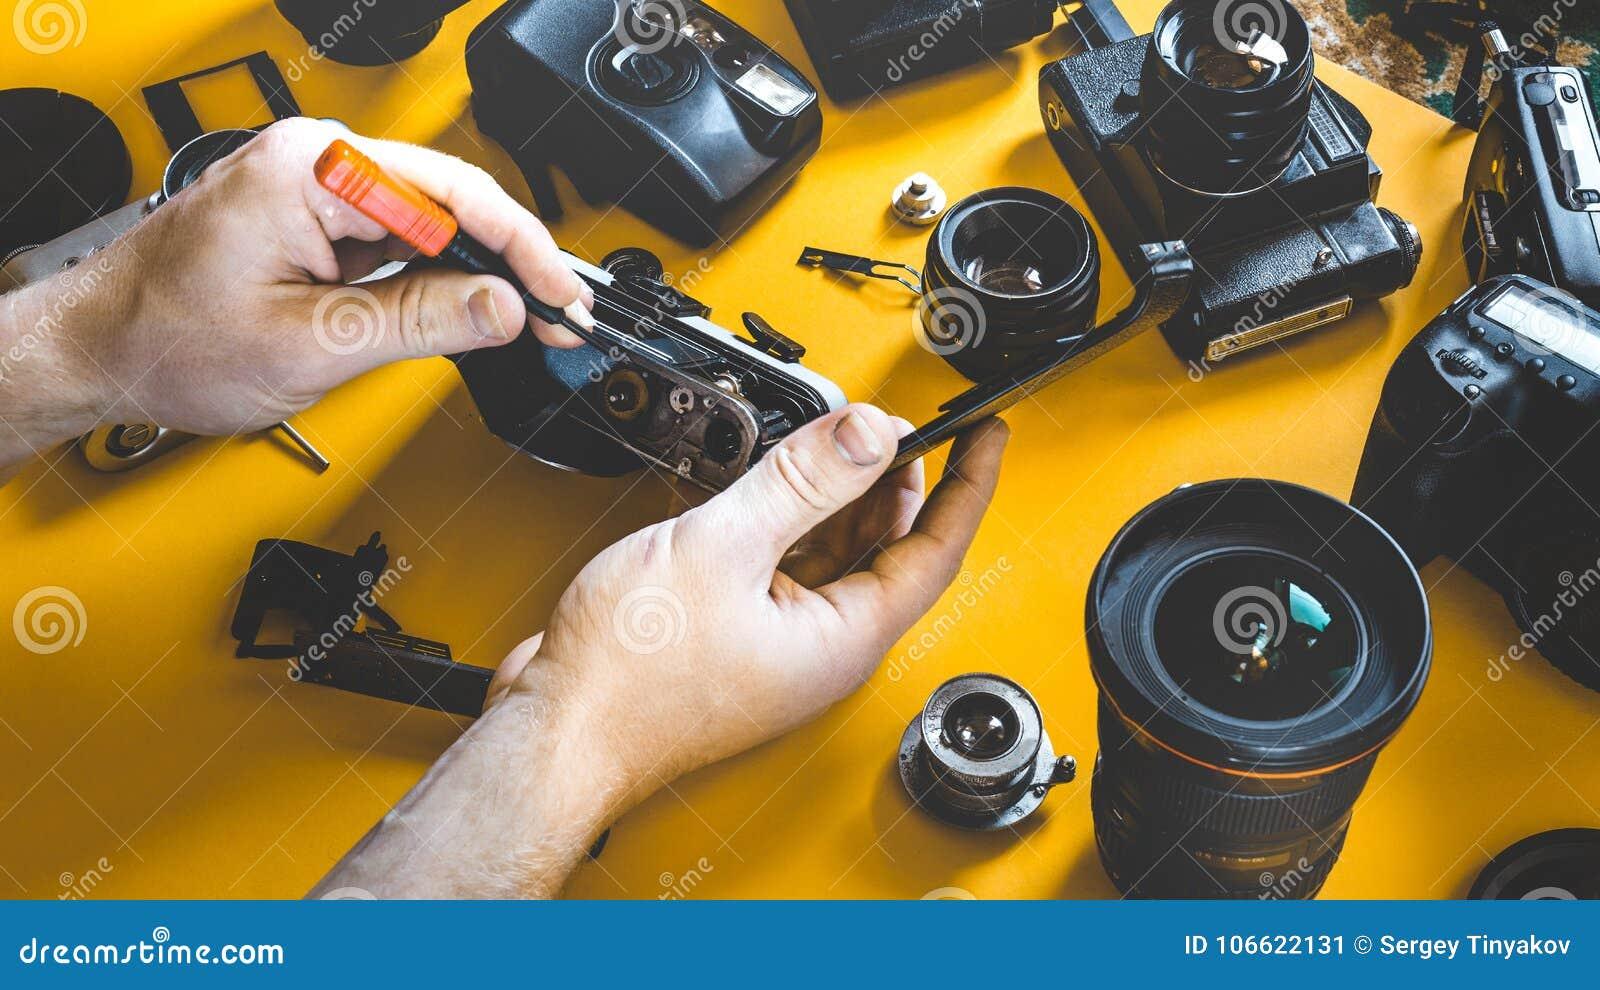 人递修理打破的影片照相机,照片工作场所